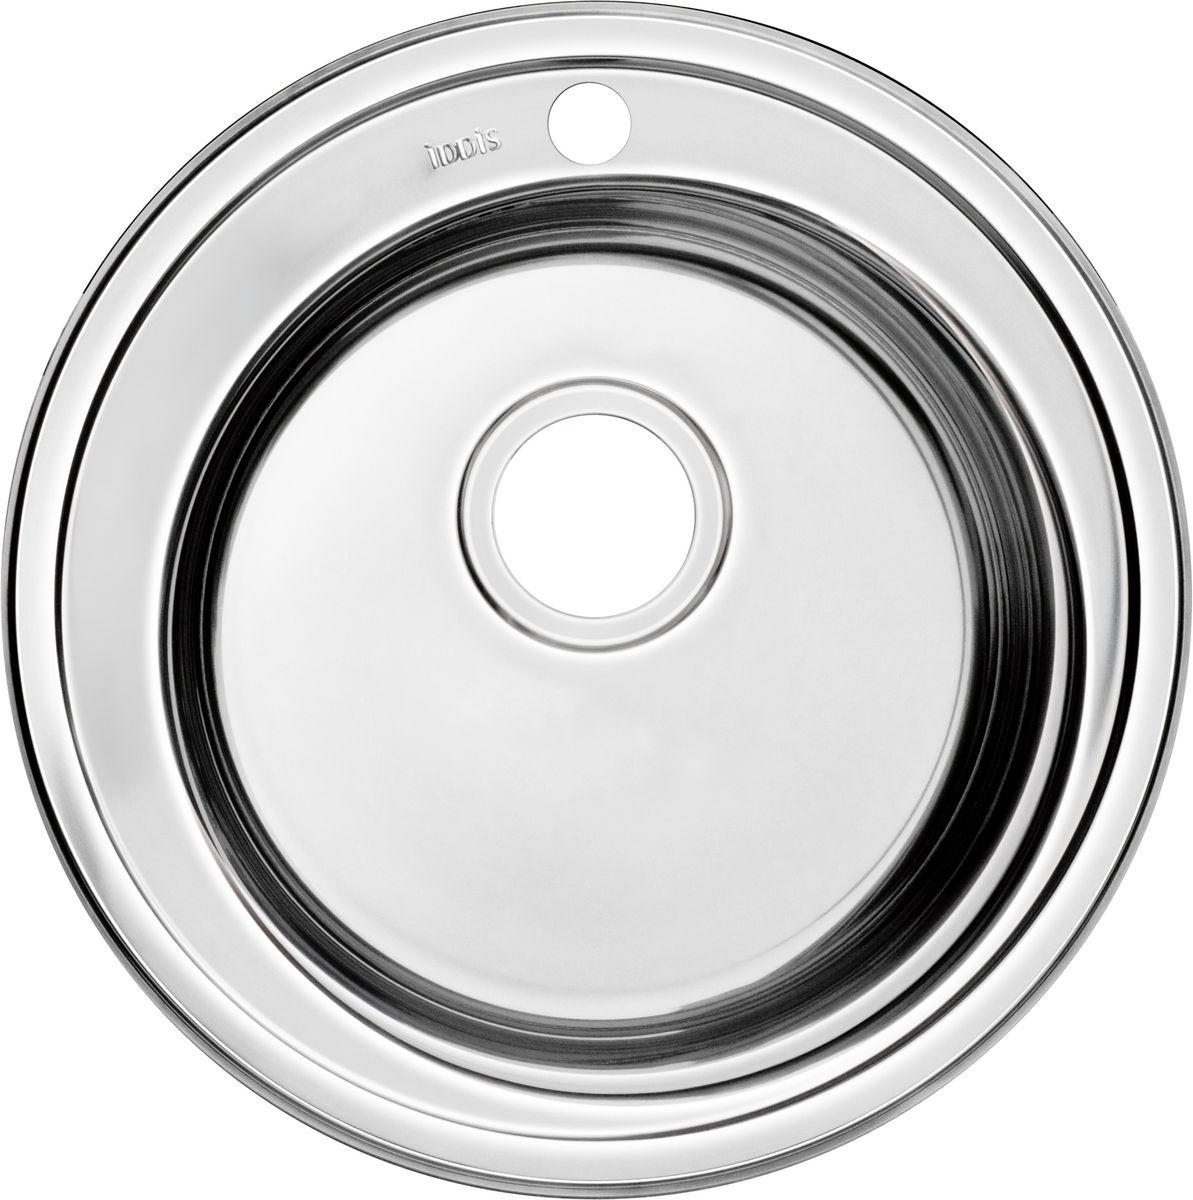 Мойка Iddis Suno, диаметр 50,5 см. SUN50S0i77BL505Корпус мойки Iddis Suno выполнен из специальной нержавеющей стали марки 304 с содержанием хрома 18%, и никеля 10%. Это гарантирует устойчивость к воздействию химических веществ, появлению пятен и коррозии. Толщина стали в мойке 0,8 мм. Специальное дополнительное антишумовое покрытие Silenon, нанесенное на обратную сторону чаш, разработано для снижения шума воды в мойке.Конструкция краев мойки, крепления и специальная уплотнительная прокладка обеспечивает максимально плотное прилегание к столешнице и защищает от протекания. Мойка из нержавеющей стали Iddis имеет изготовленное на заводе отверстие под смеситель, что делает ее полностью готовой к установке. Наличие шаблона для выреза отверстия в столешнице для каждой модели облегчает процесс установки моек Iddis.Гарантия на мойки из нержавеющей стали Iddis составляет 15 лет.Глубина чаши: 180 мм, диаметр чаши: 385 мм.